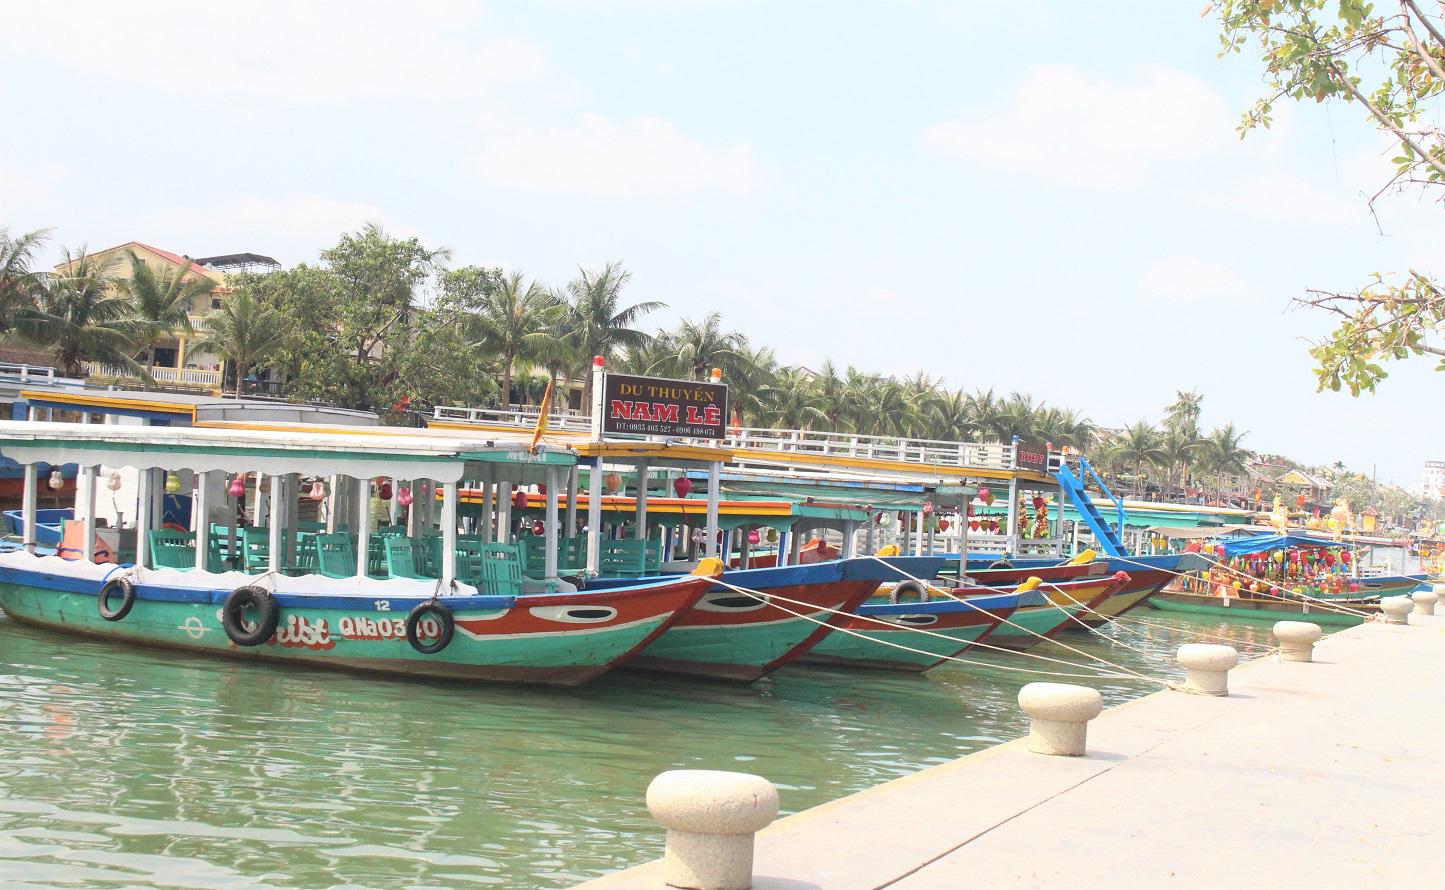 Quảng Nam: Ngày tết, phố cổ Hội An đìu hiu khách du lịch - Ảnh 4.